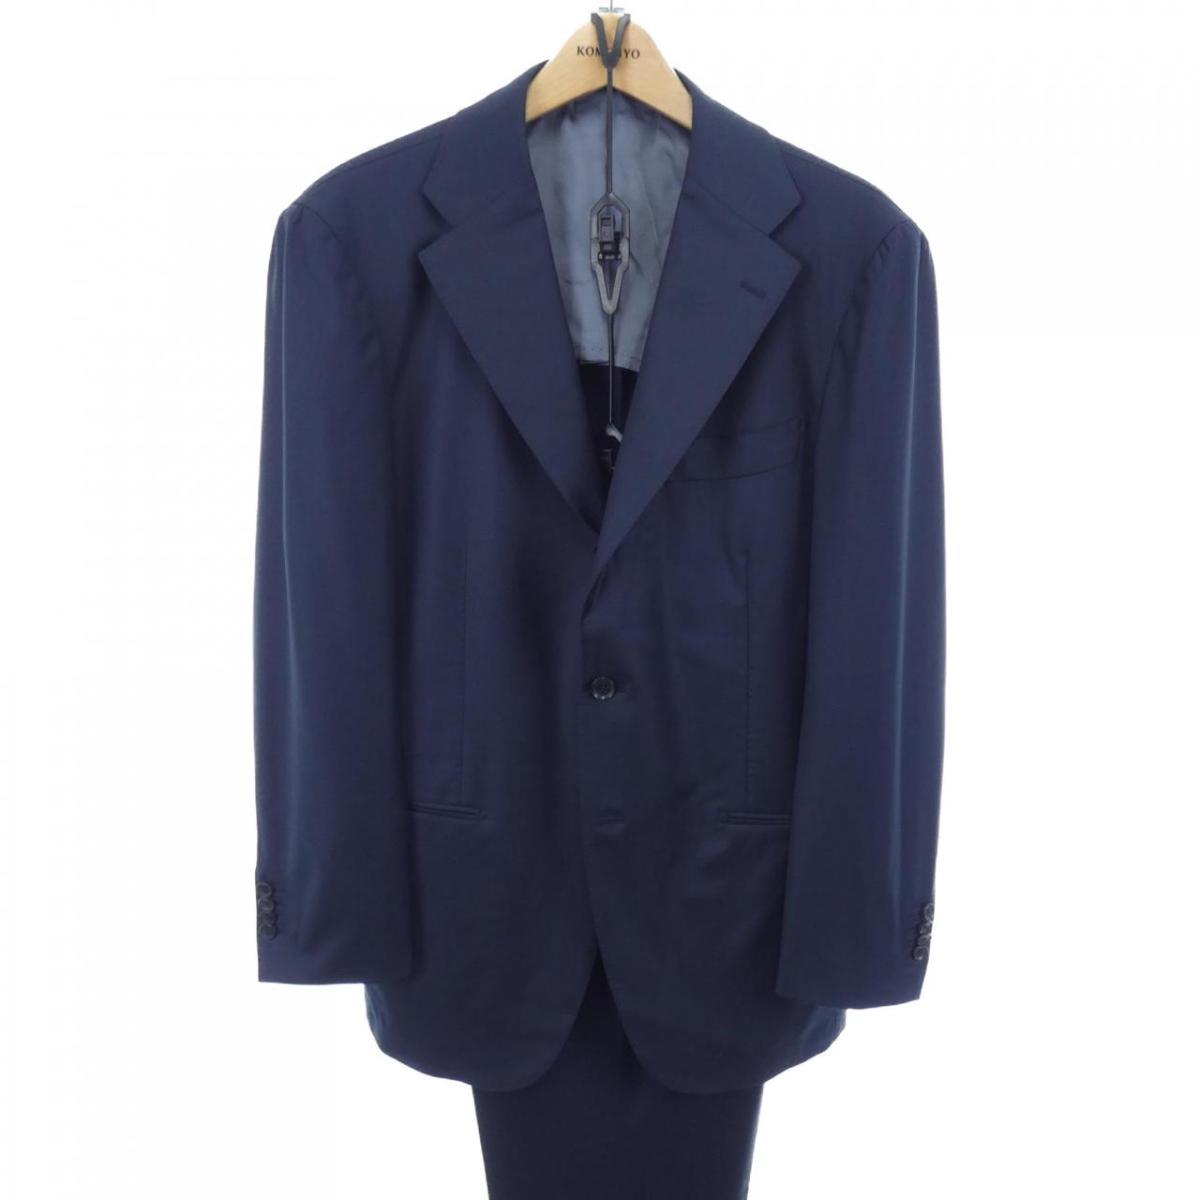 リングジャケット RING JACKET スーツ【中古】